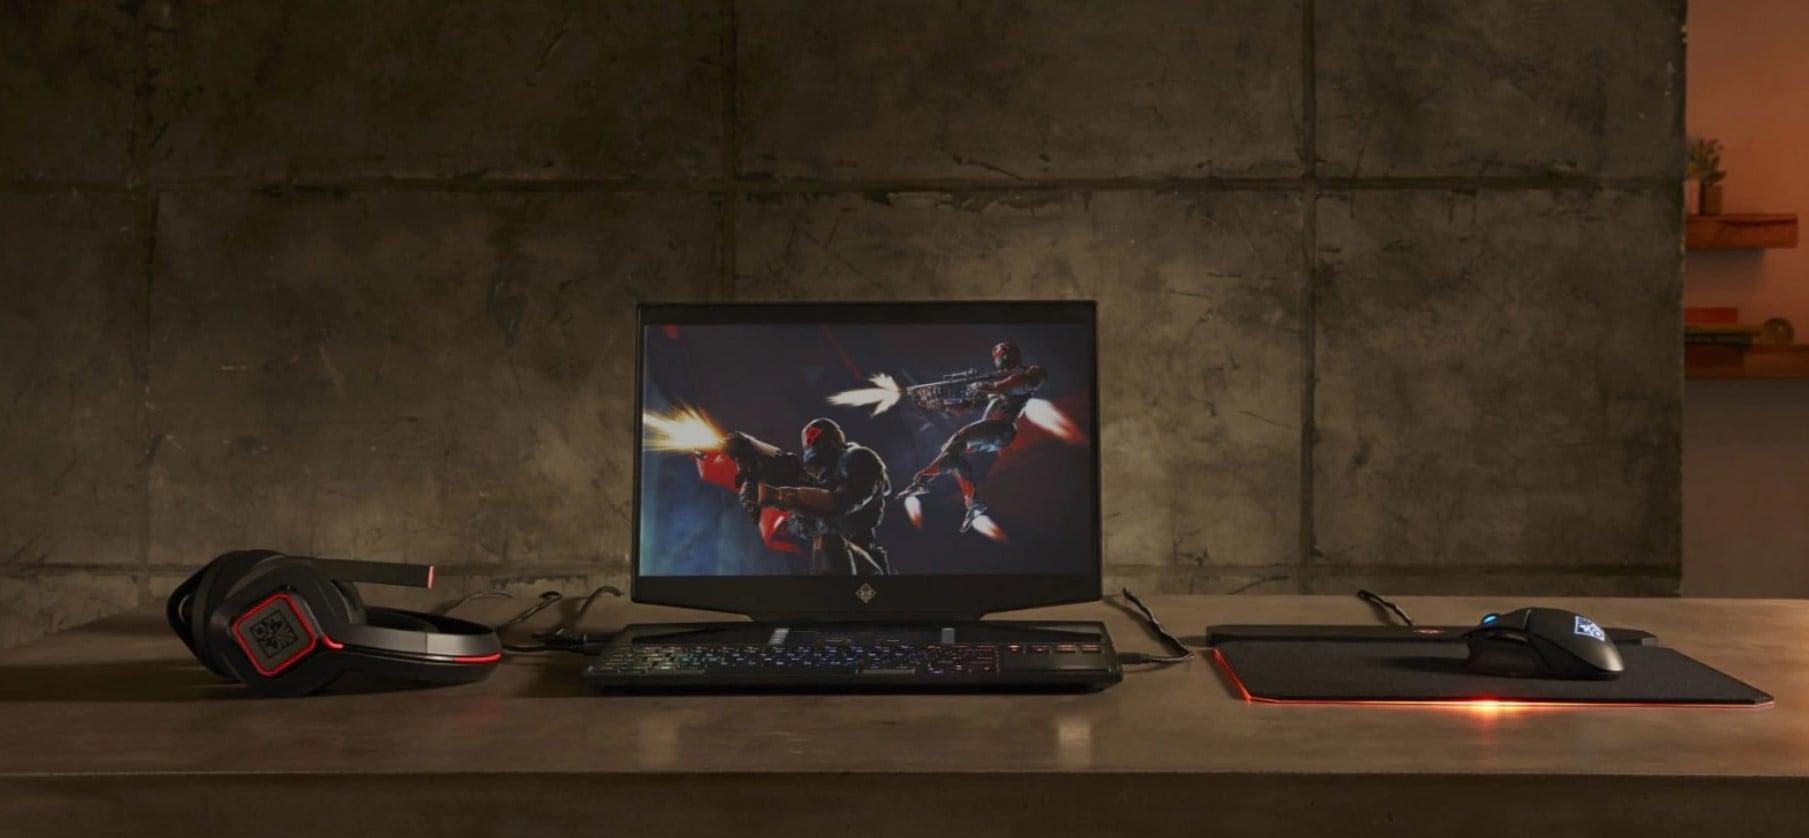 HP prezentuje laptop gamingowy z dodatkowym ekranem do oglądania YouTube'a lub Twitcha